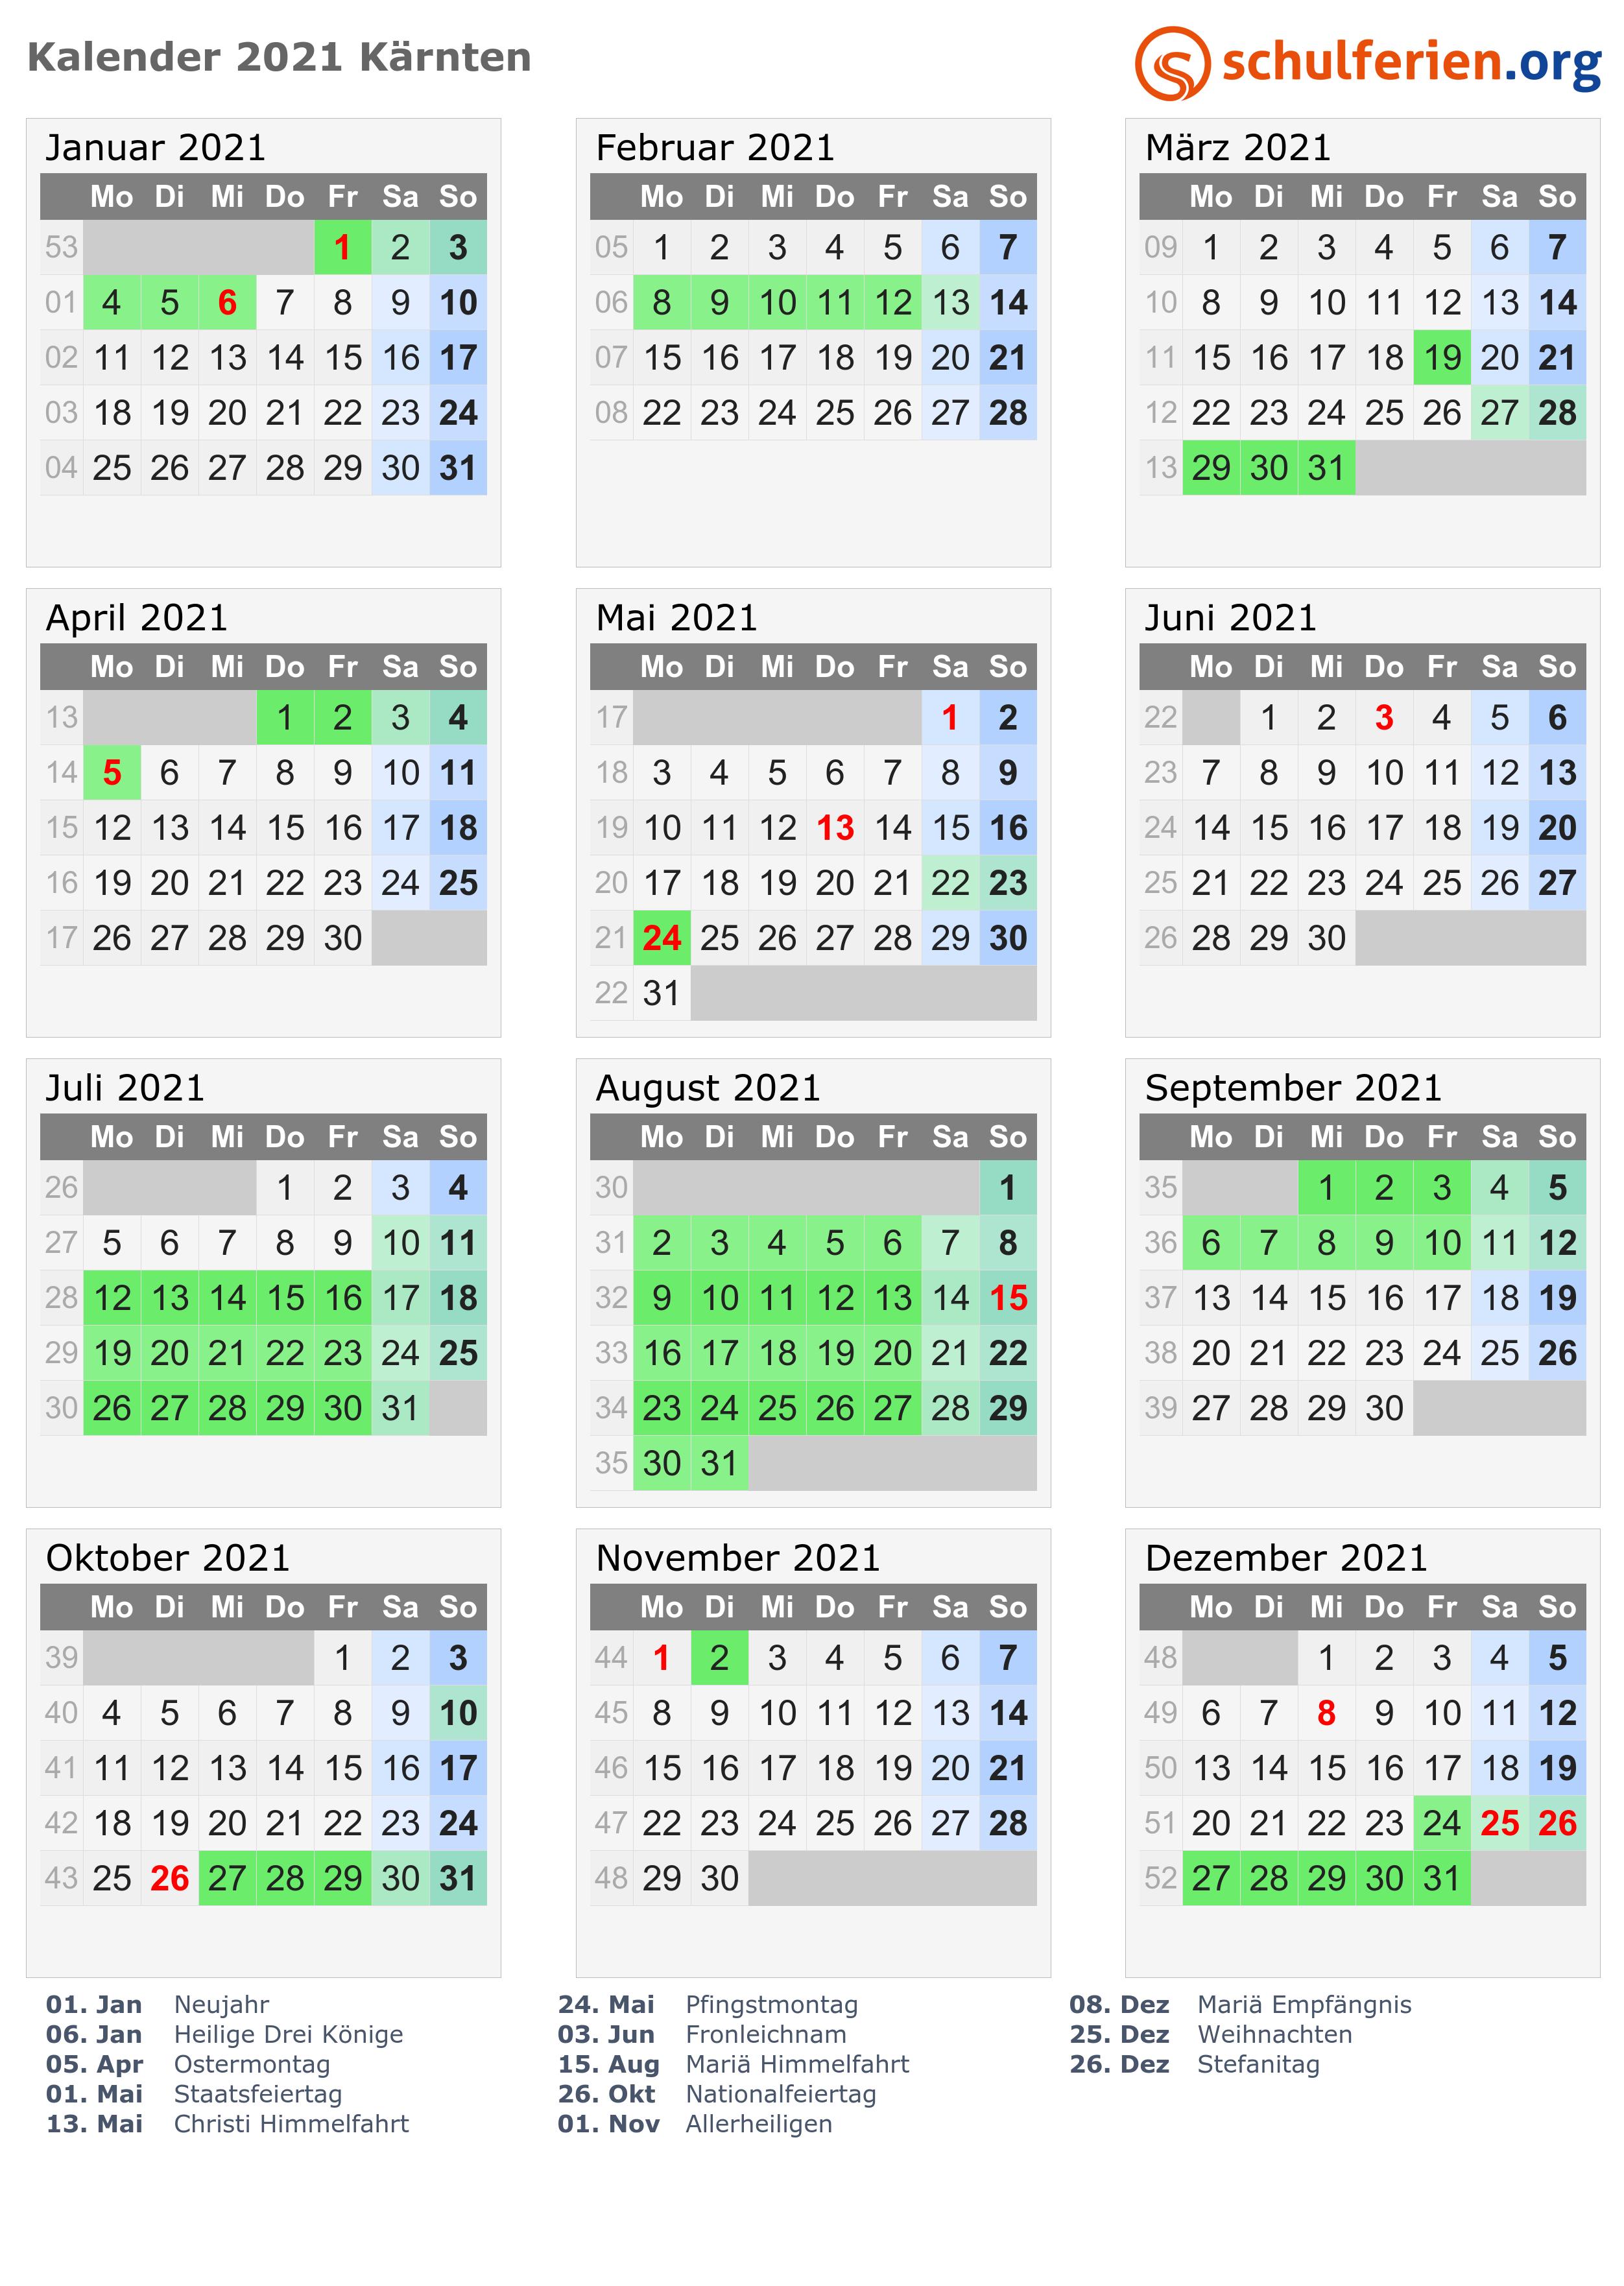 Kalender 2021 Kärnten